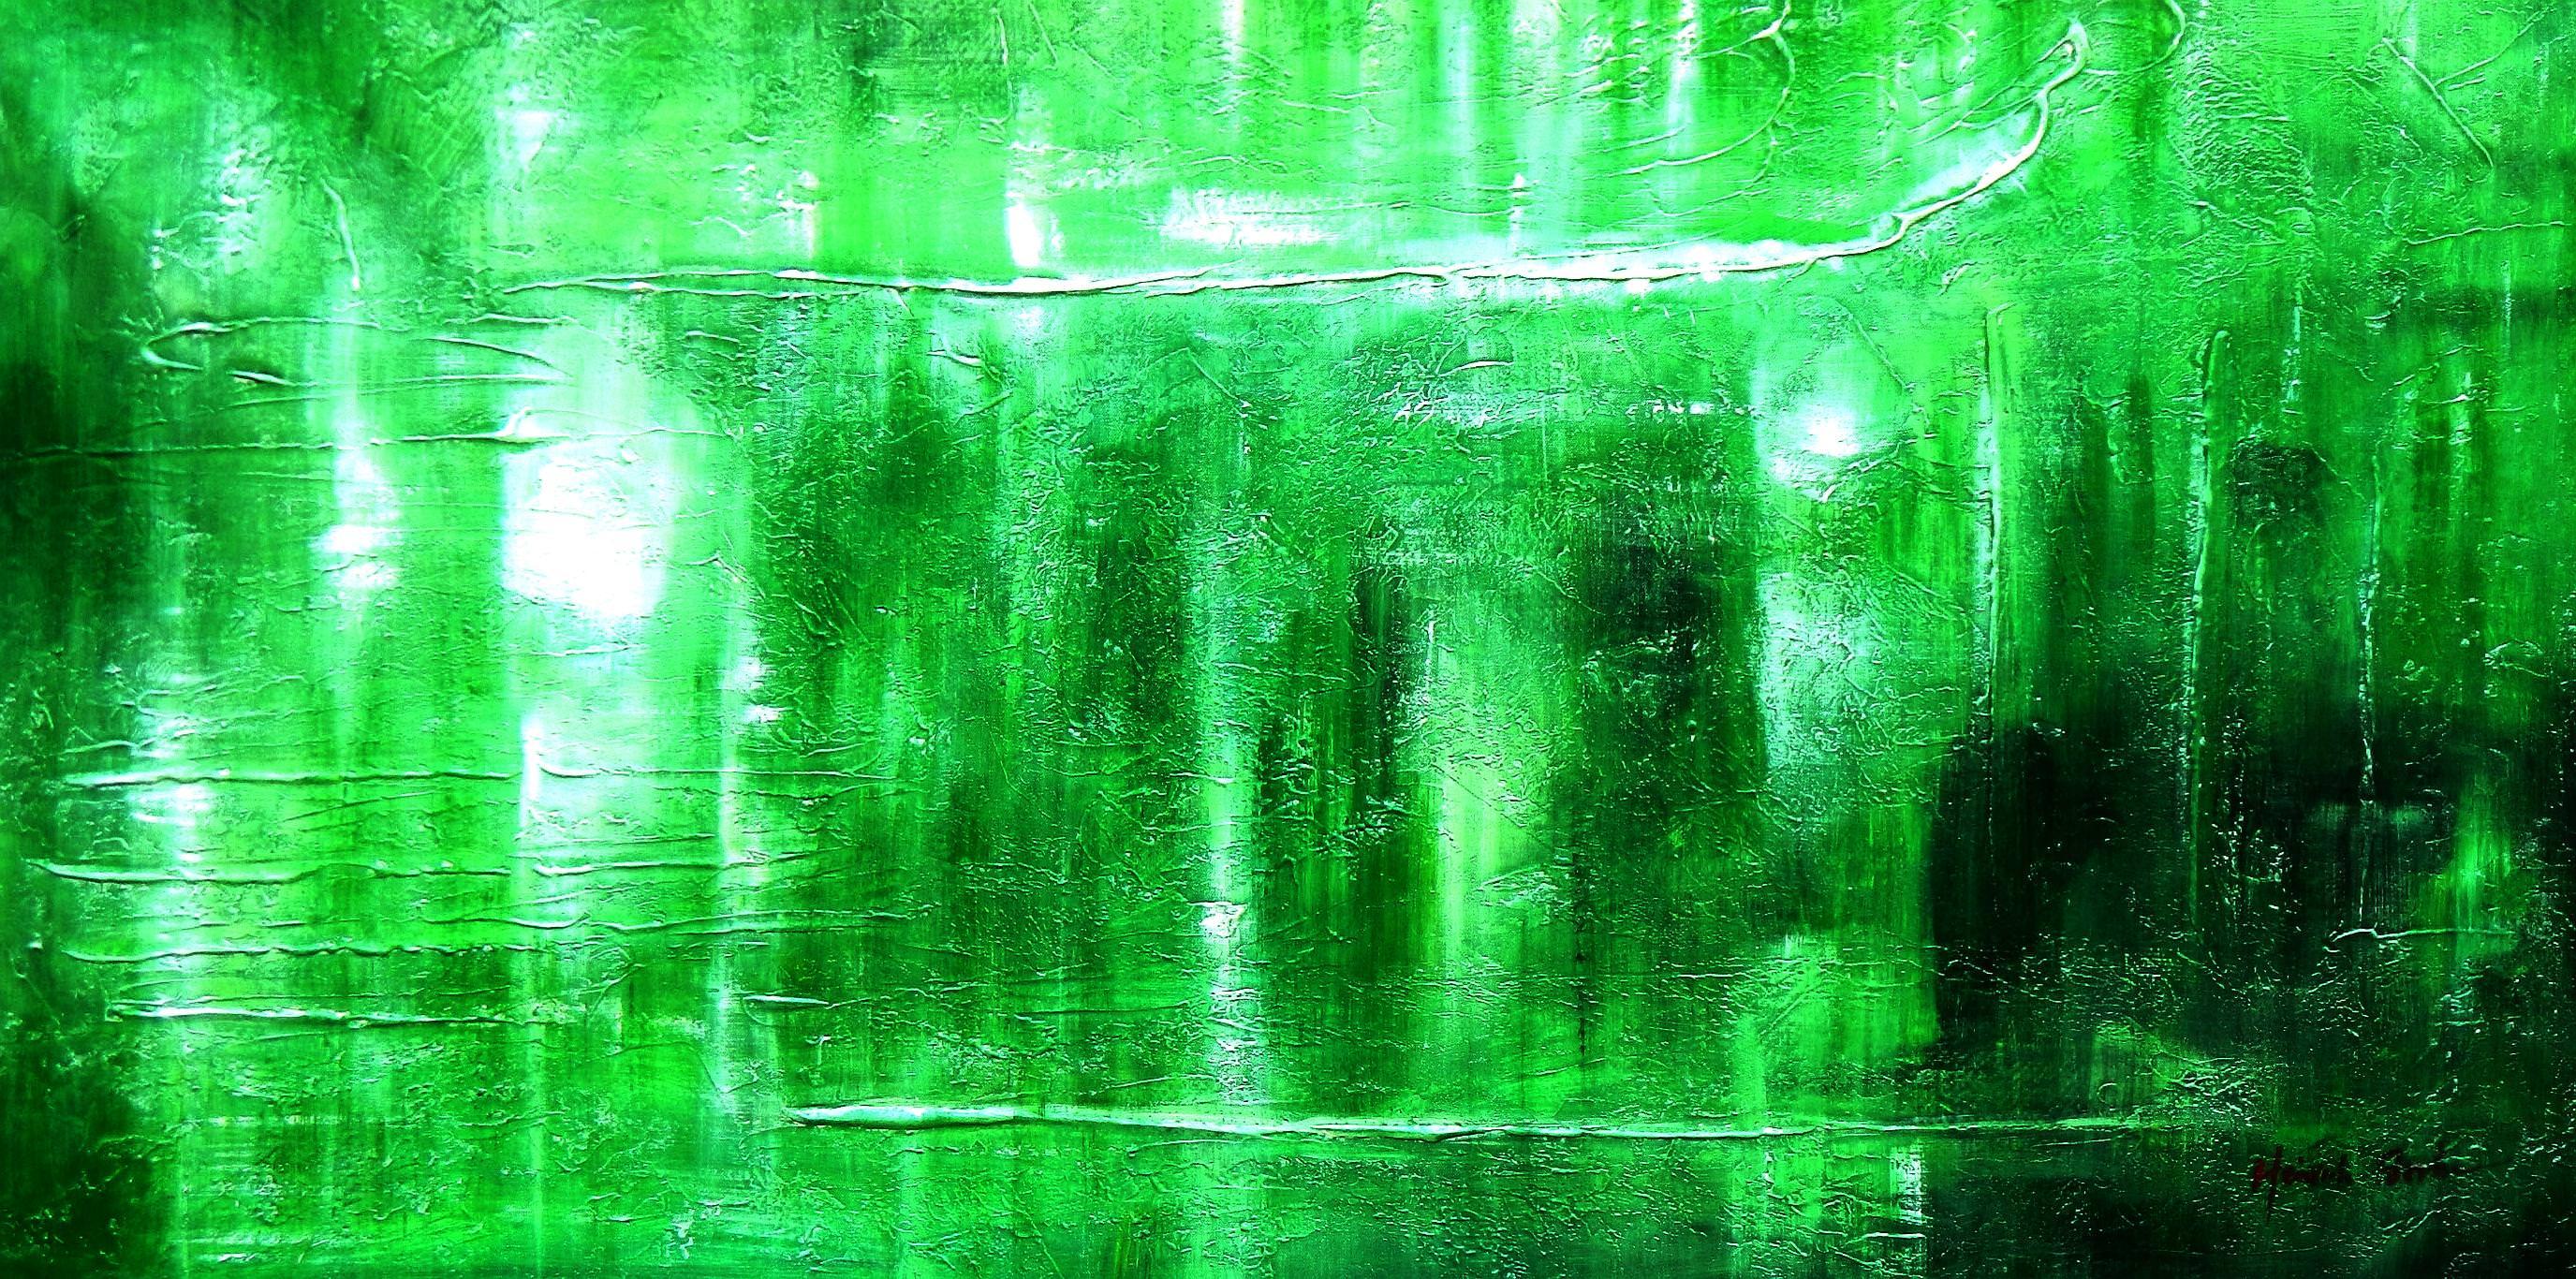 Abstract - Ireland Summer games f92931 G 60x120cm abstraktes Gemälde